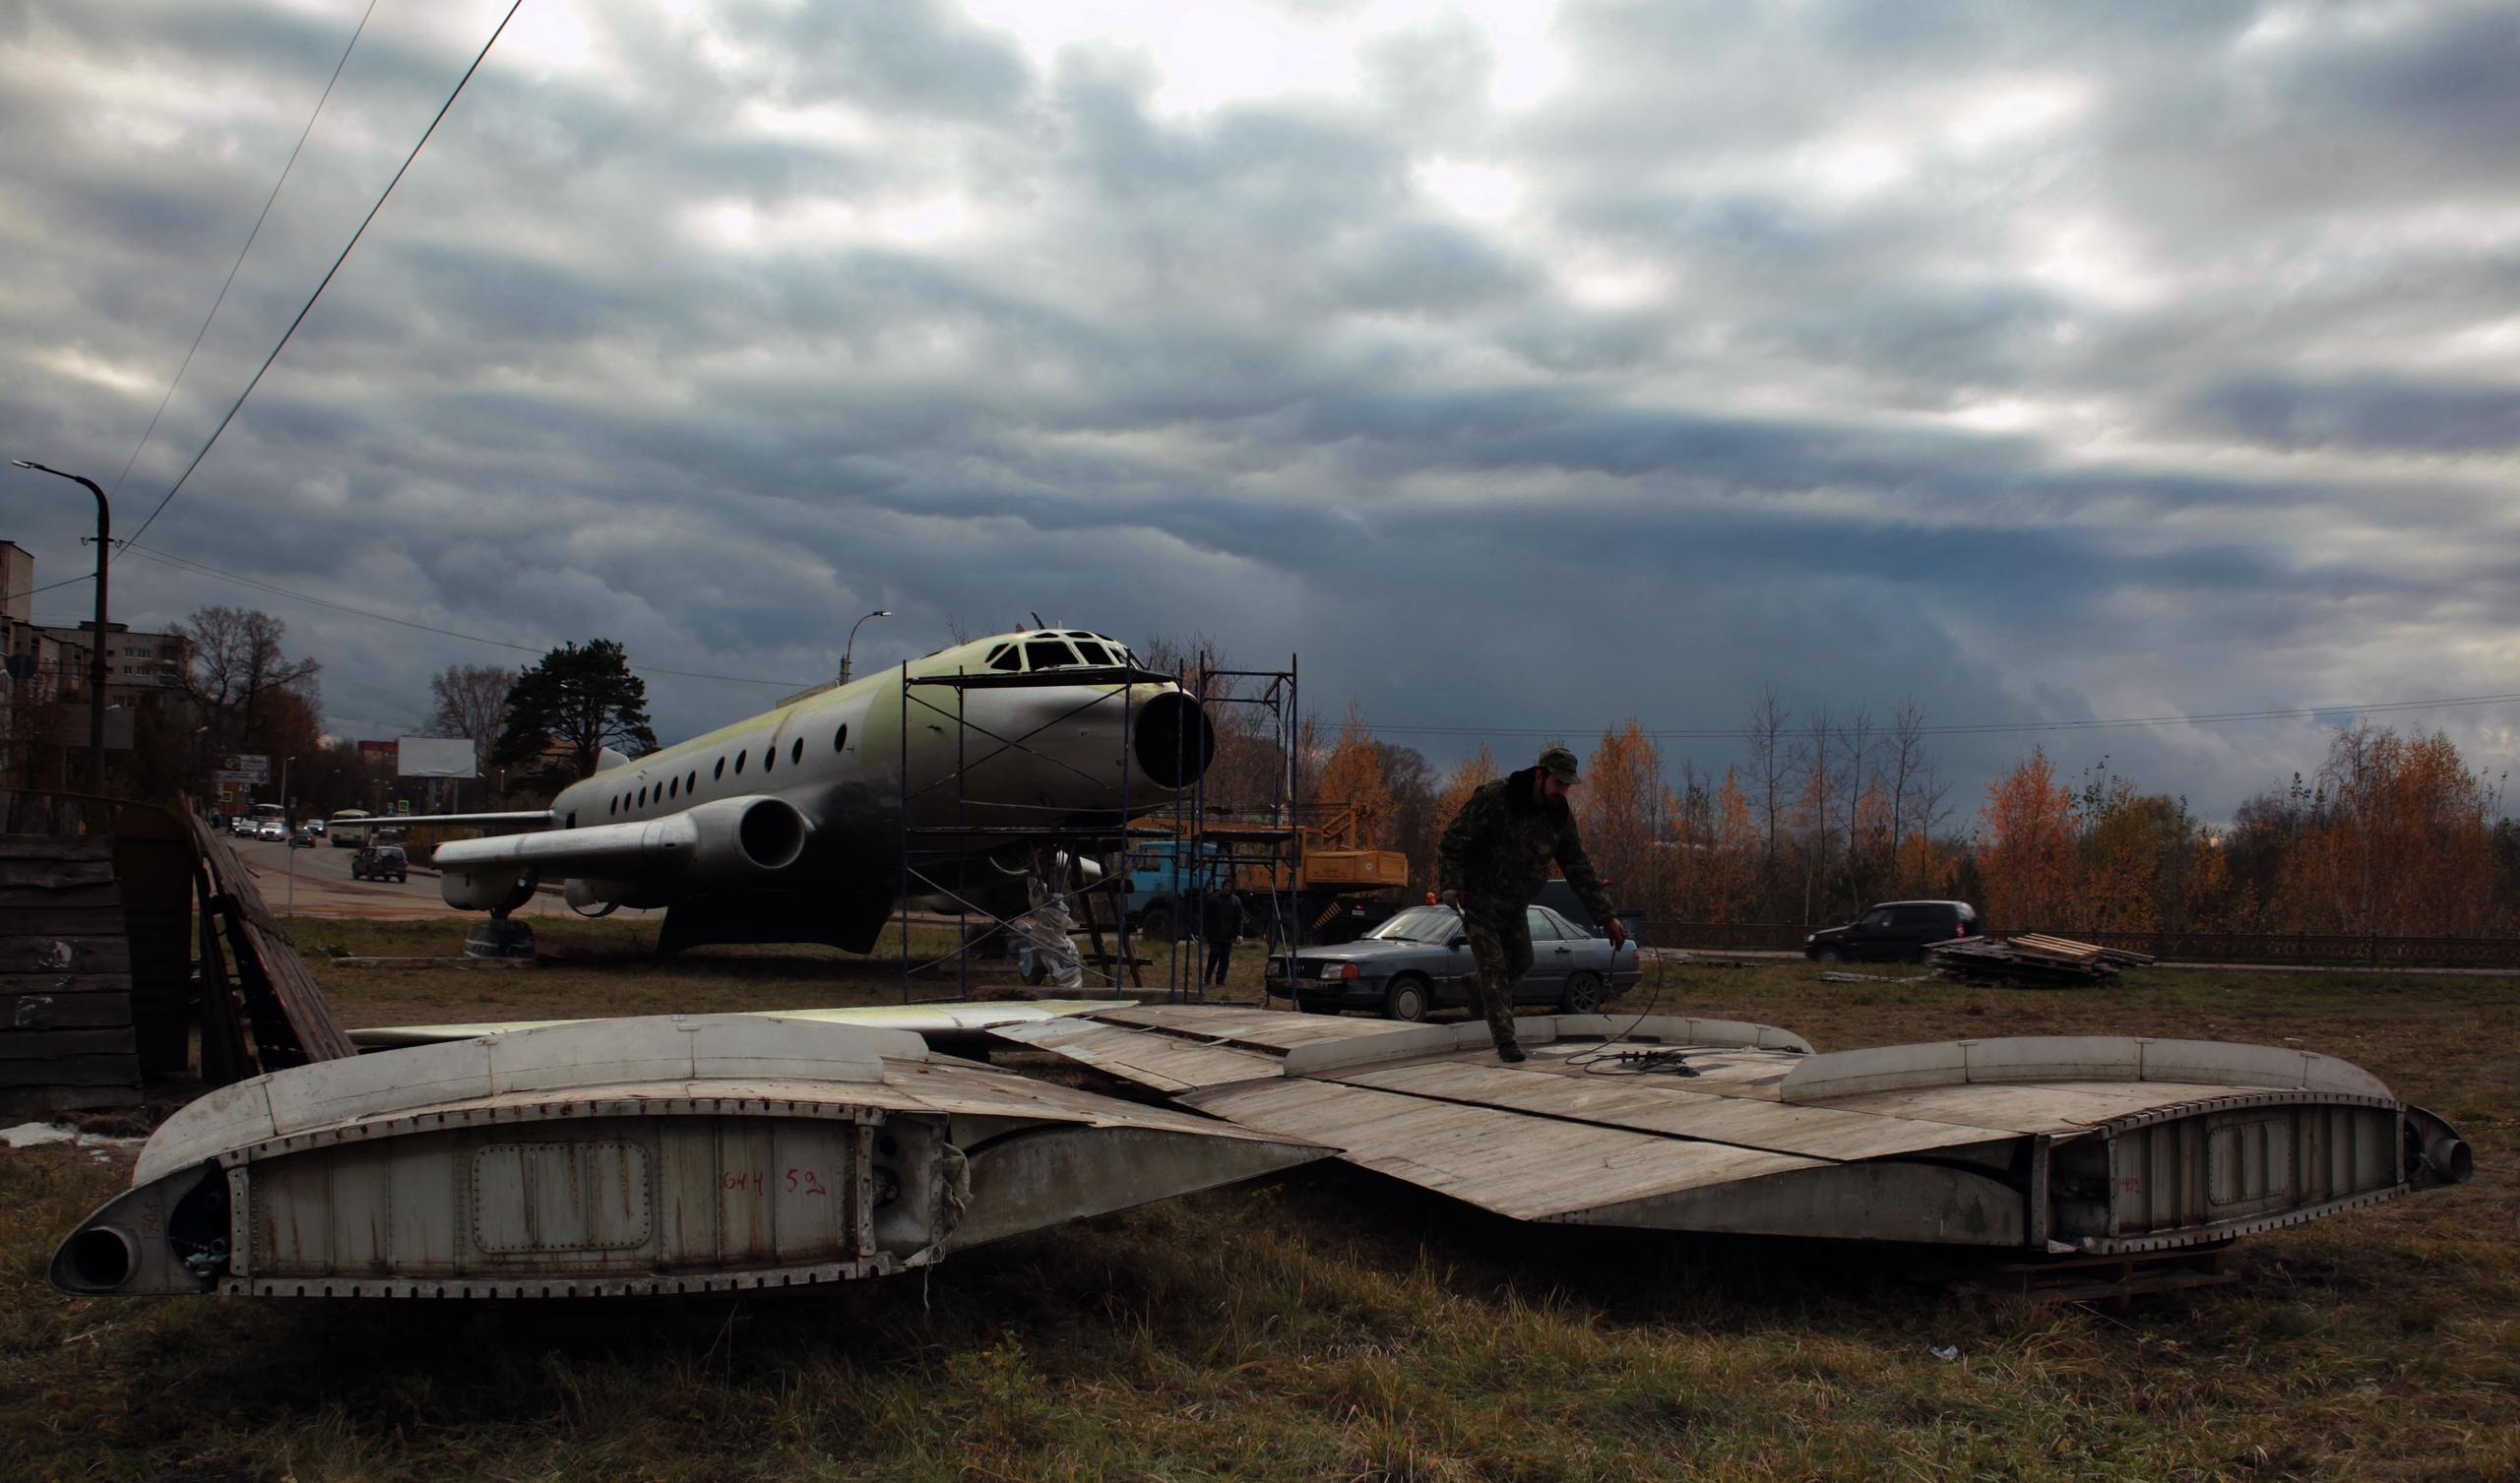 Самолёт ТУ-124 в Кимрах встретит юбилей своего создателя без крыльев?